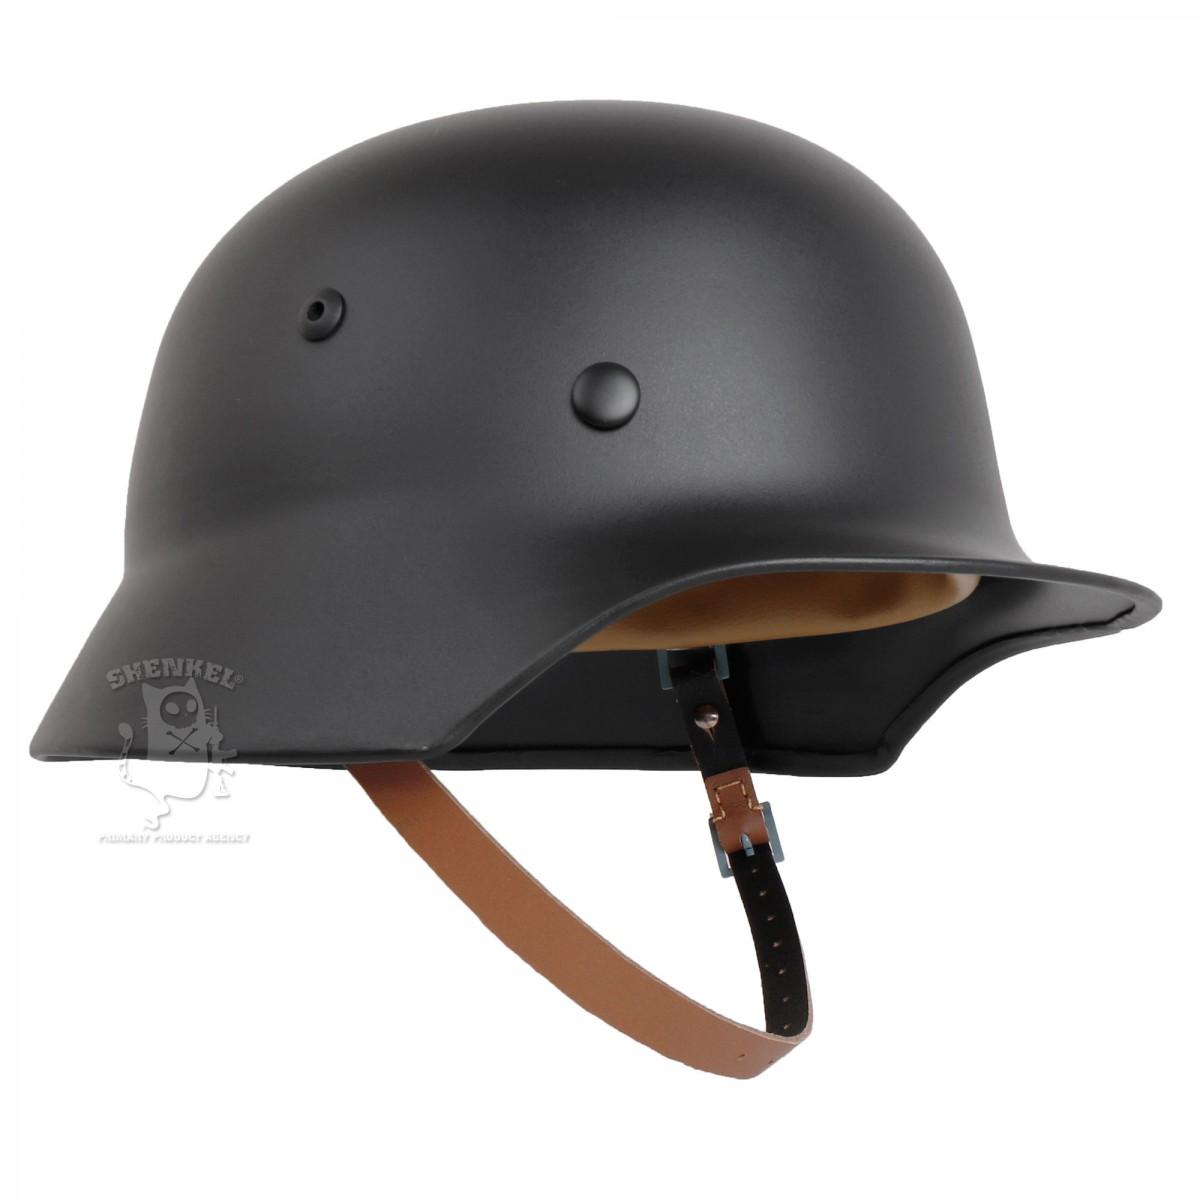 SHENKEL ドイツ軍 WW2 M-35 スチールヘルメット ブラック